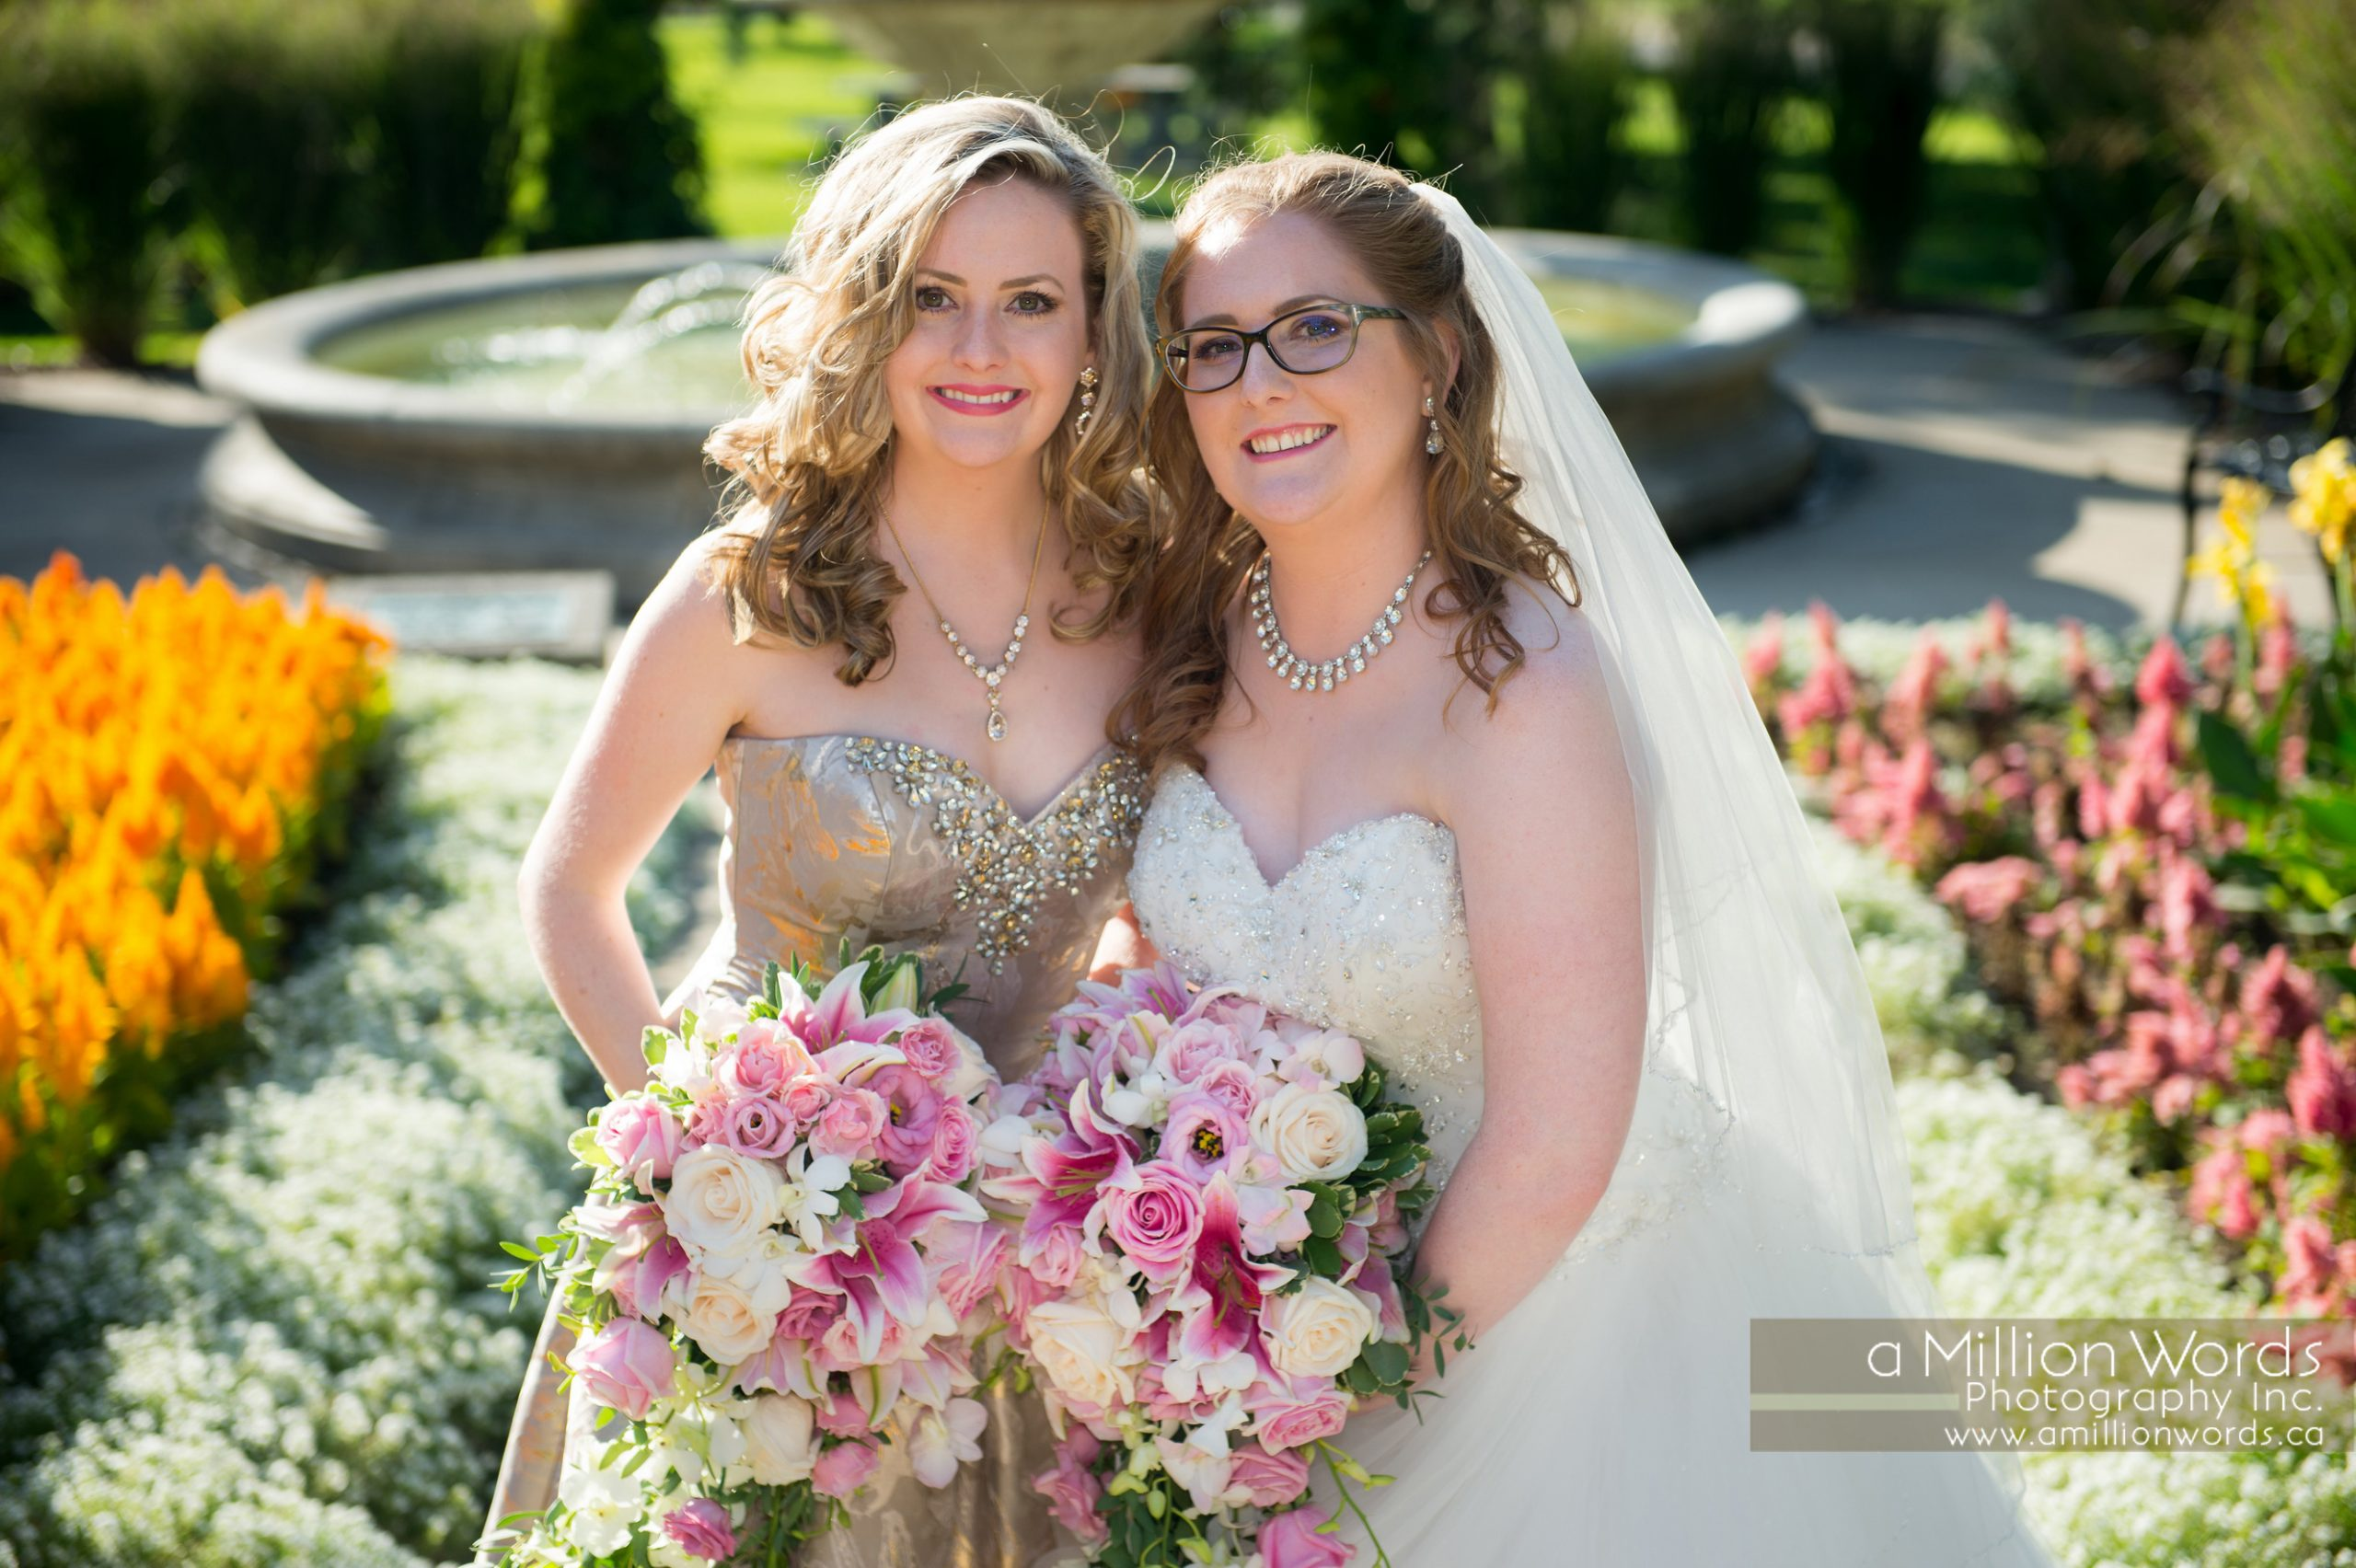 wedding_photography_kw44